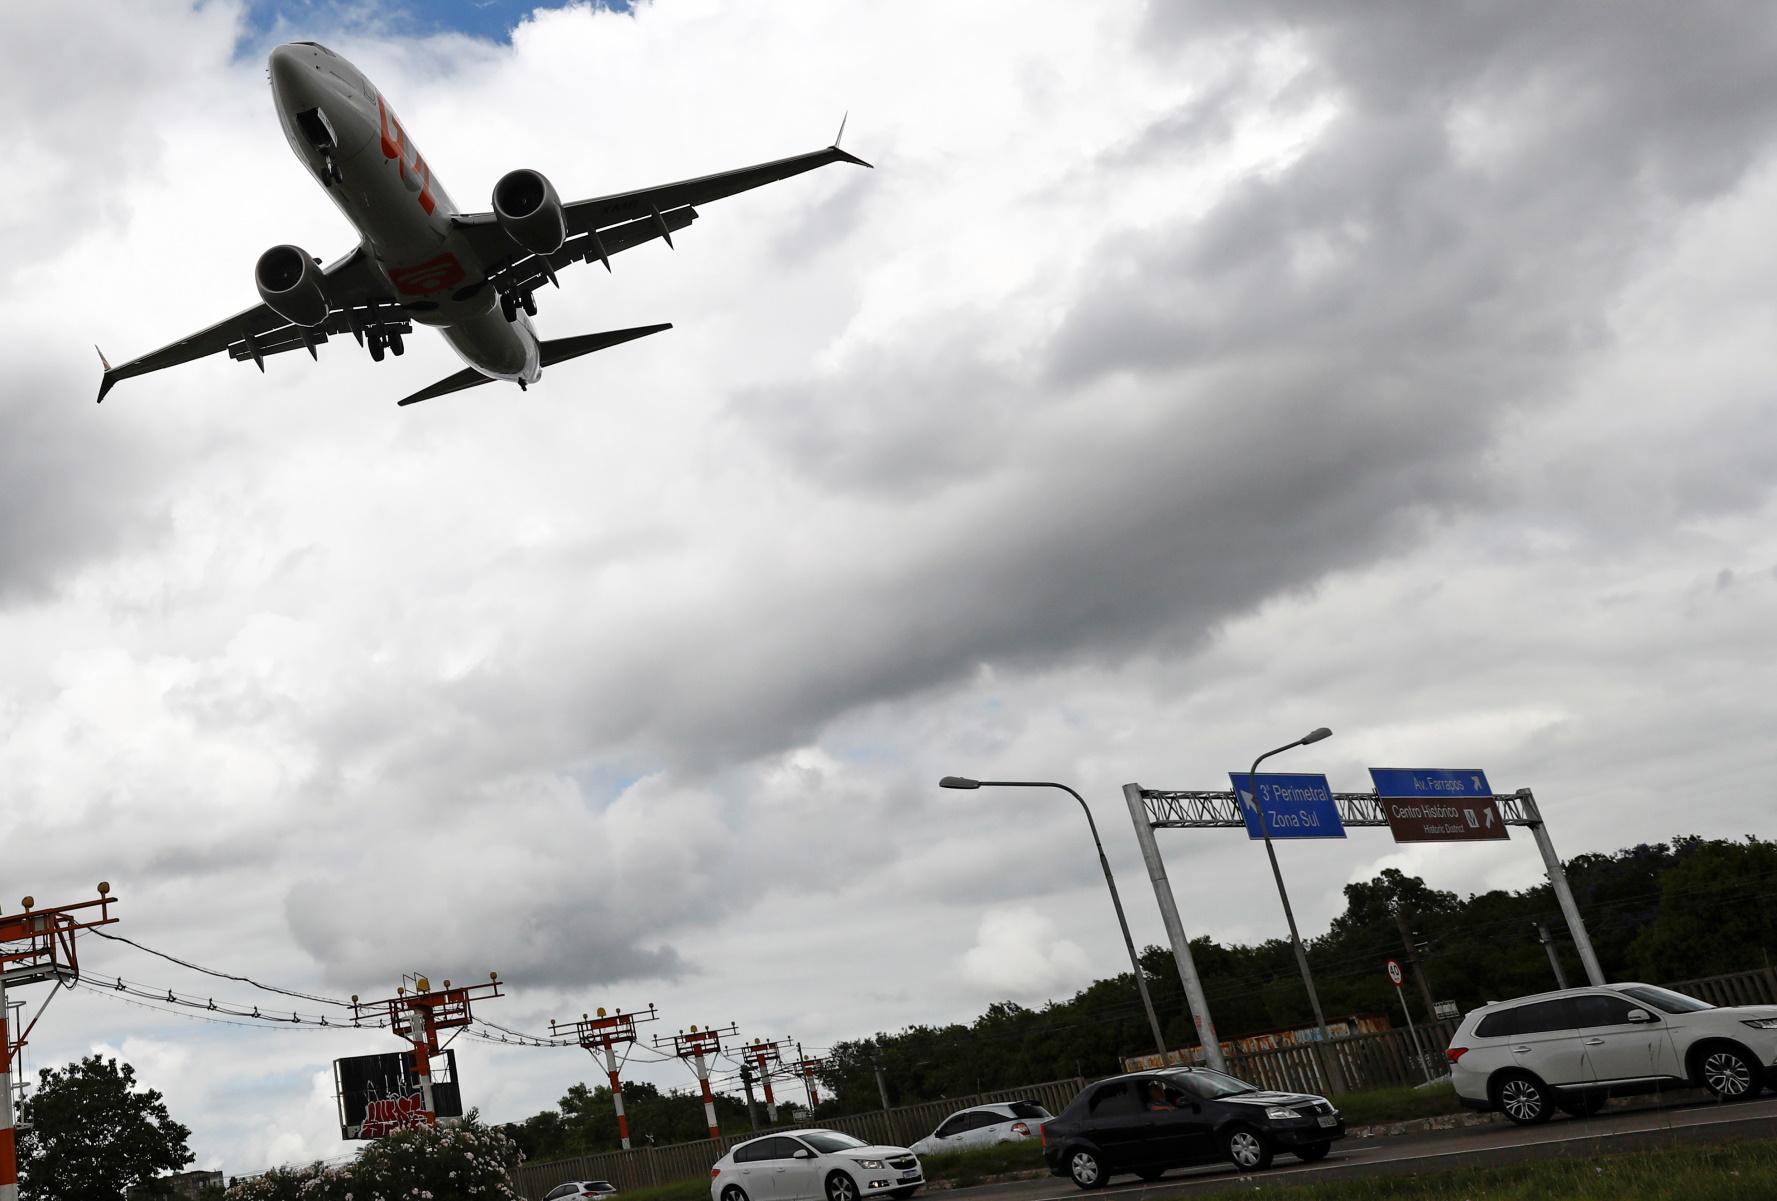 Πρώτη πτήση Μπόινγκ 737 MAX, δύο χρόνια μετά τις αεροπορικές τραγωδίες